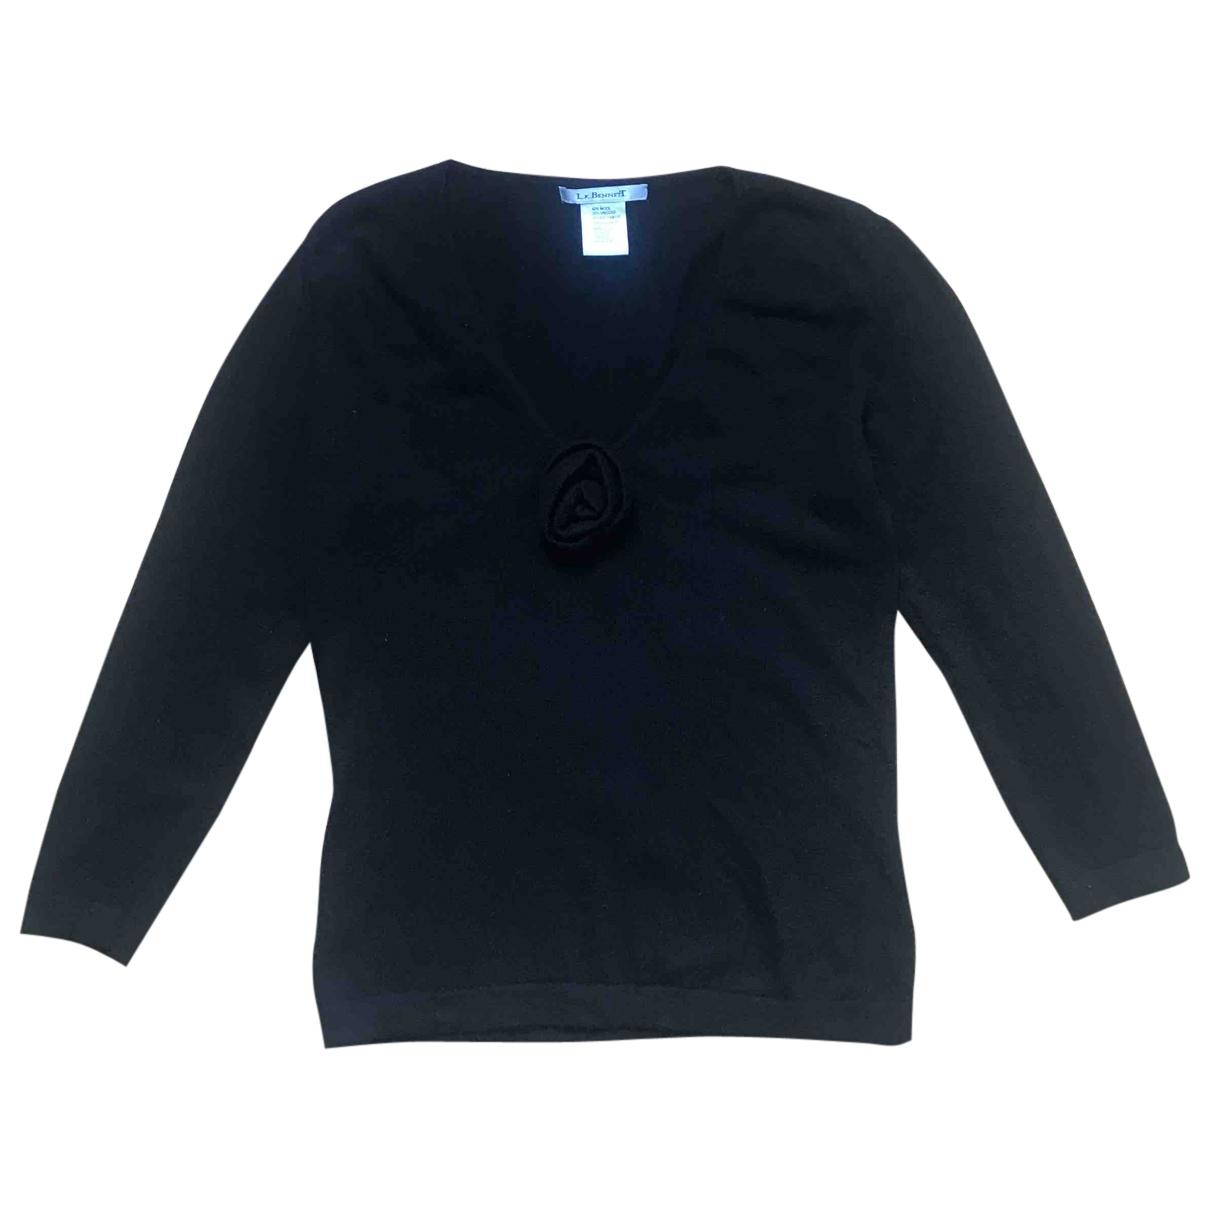 Lk Bennett - Pull   pour femme en laine - noir